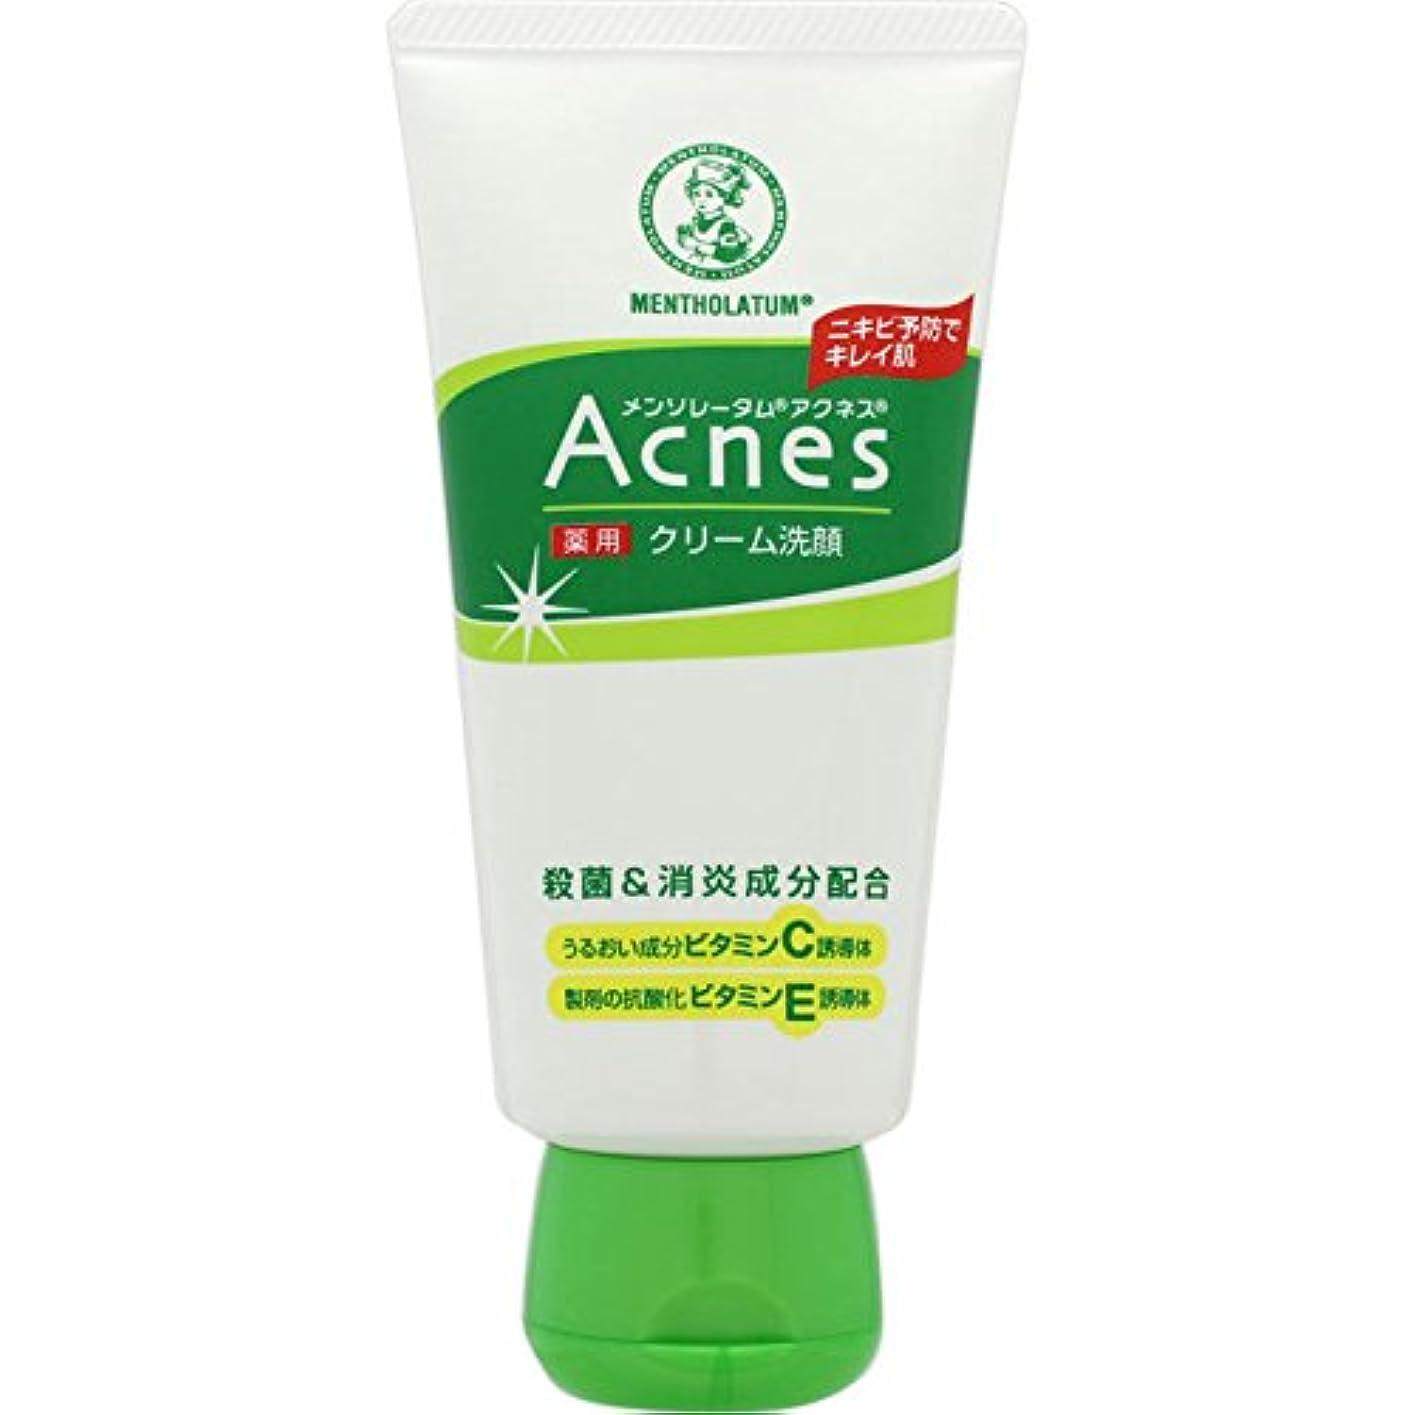 進む驚くべき変数アクネス 薬用クリーム洗顔 130g【医薬部外品】